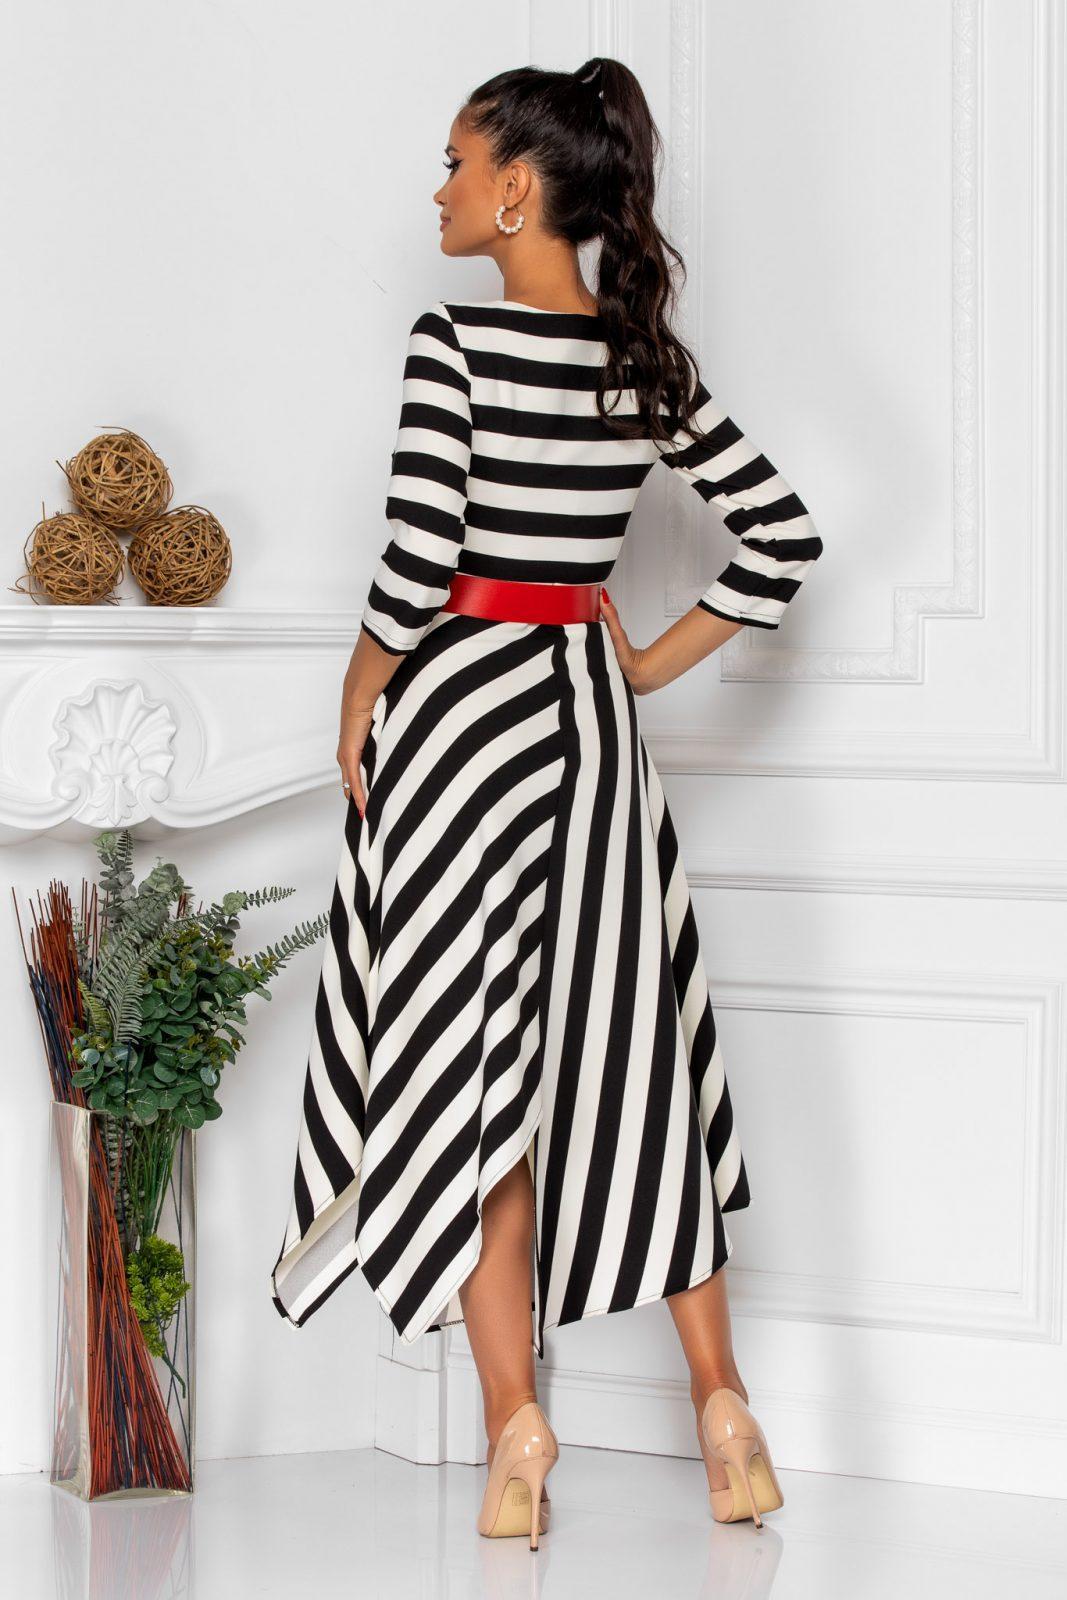 Ασπρόμαυρο Ριγέ Φόρεμα Με Ζώνη Vicky 8527 1